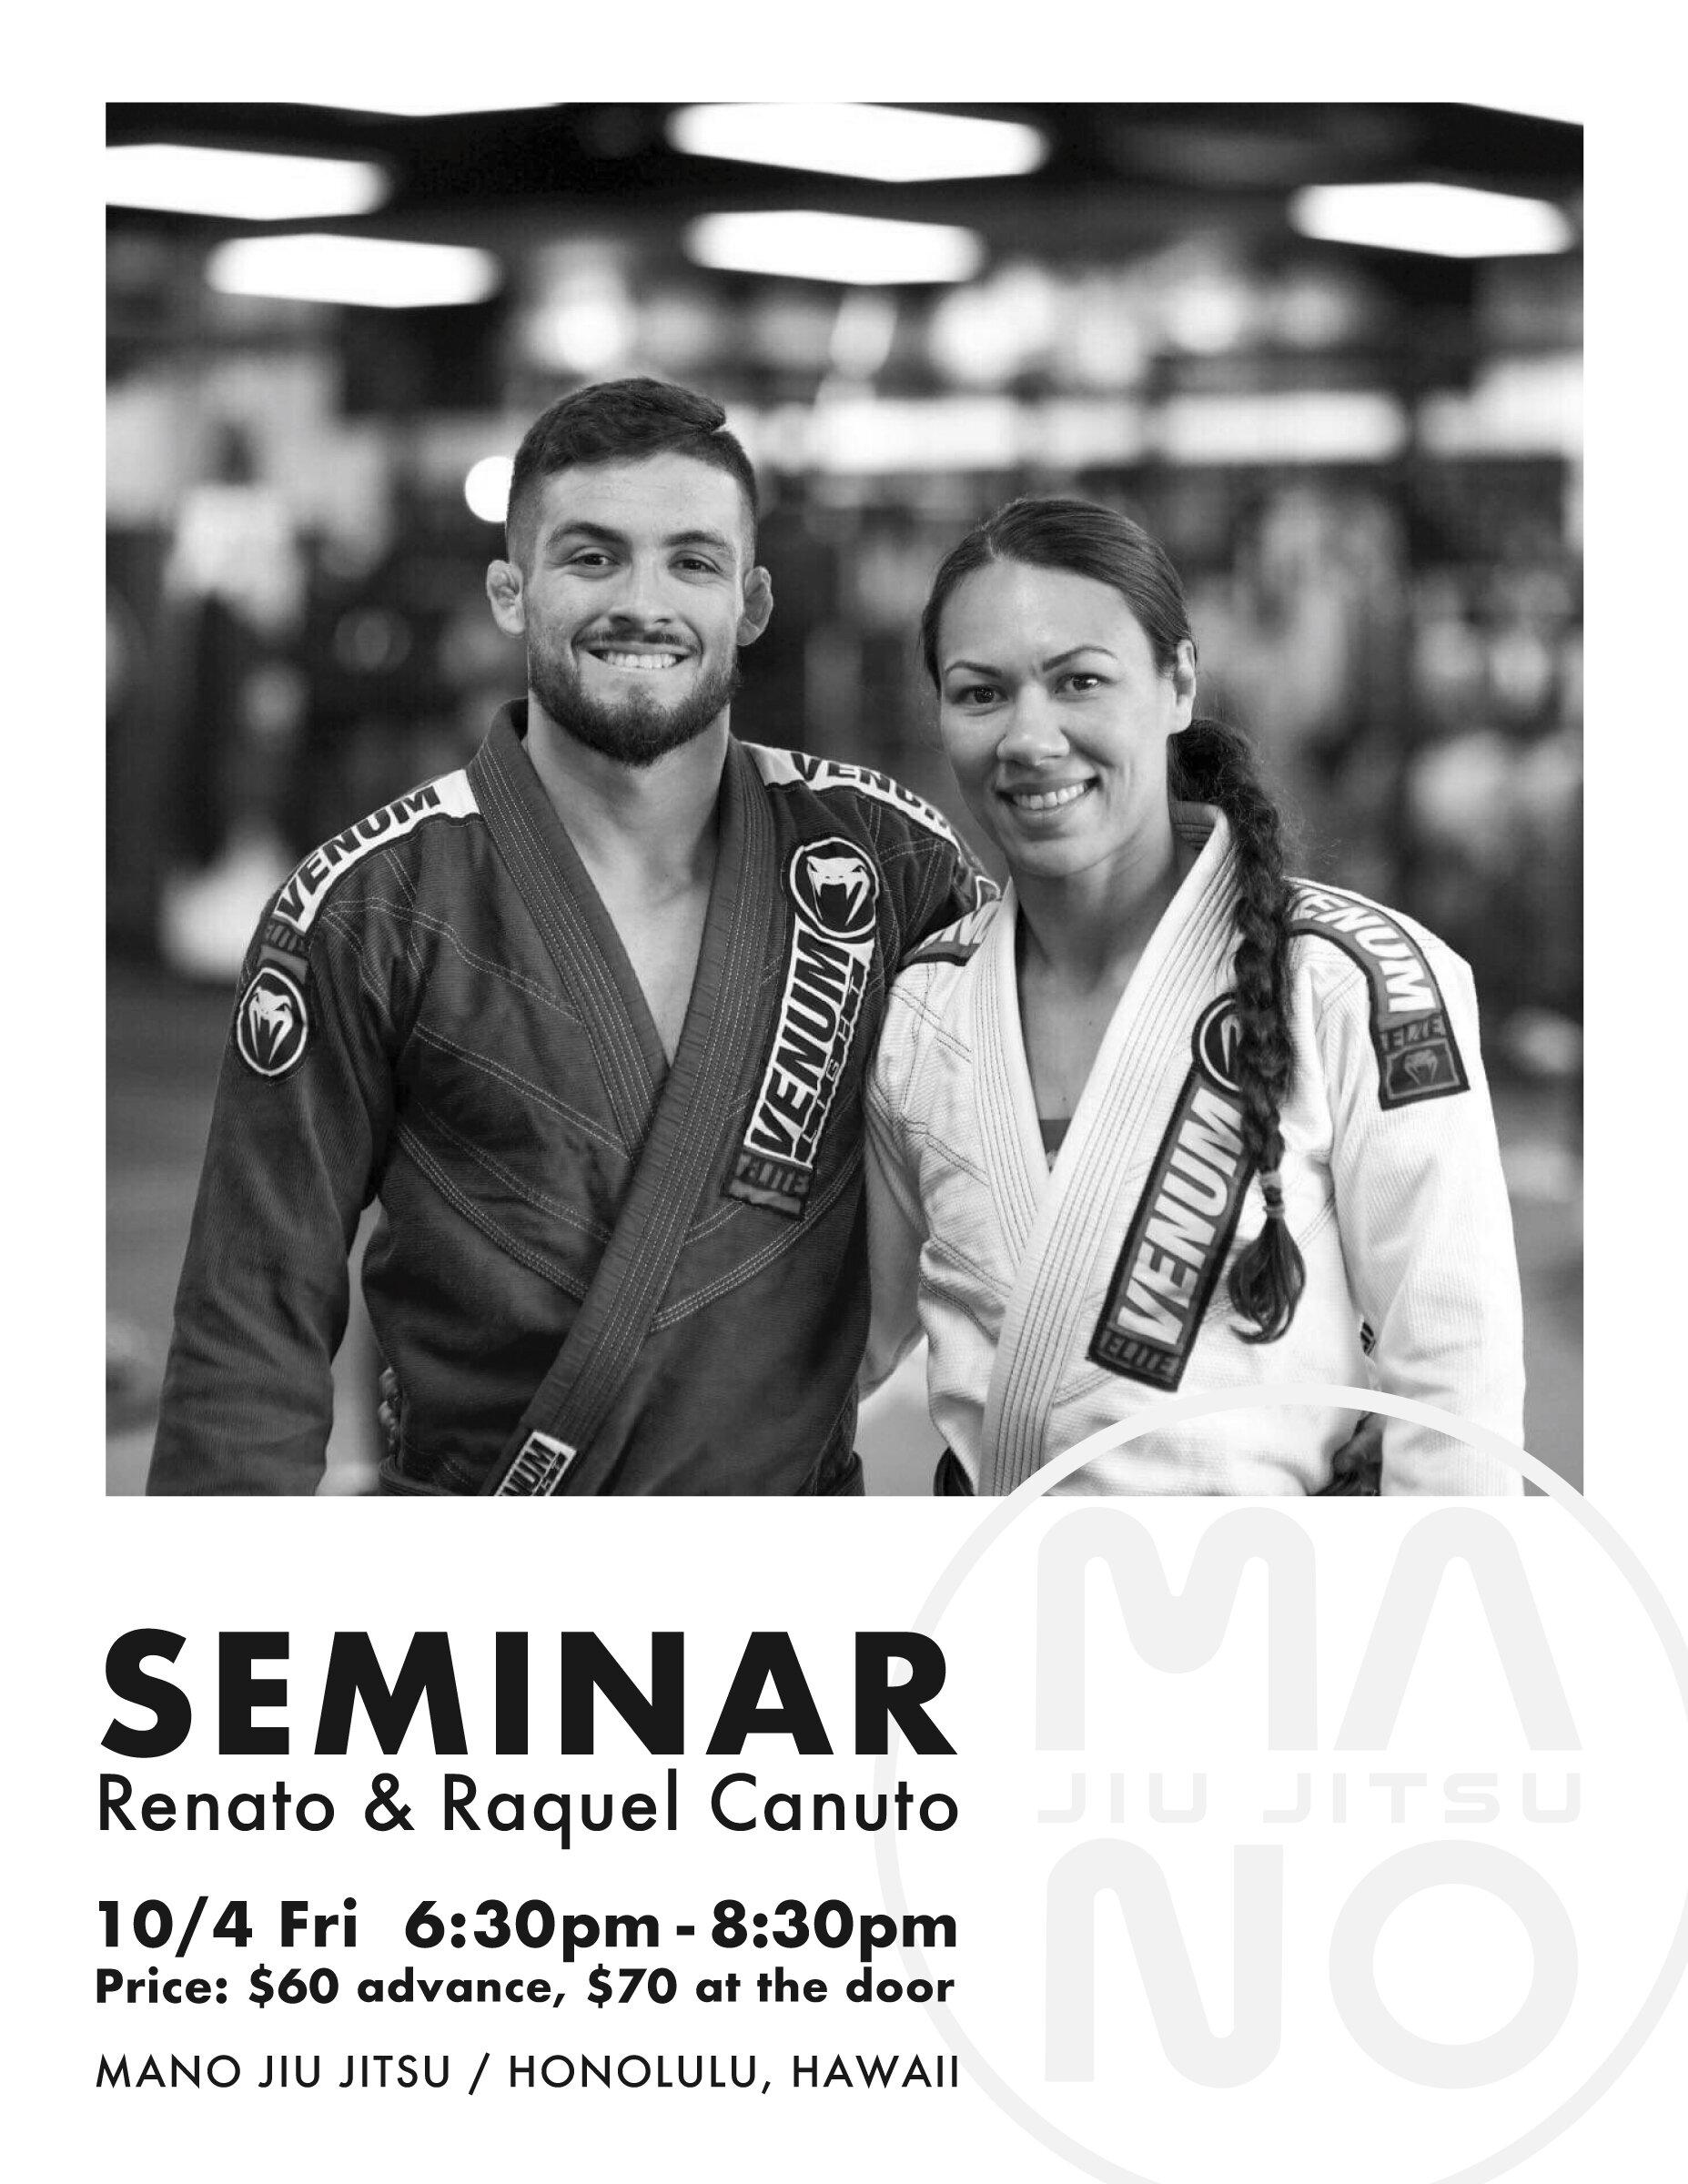 renato raquel canuto seminar poster